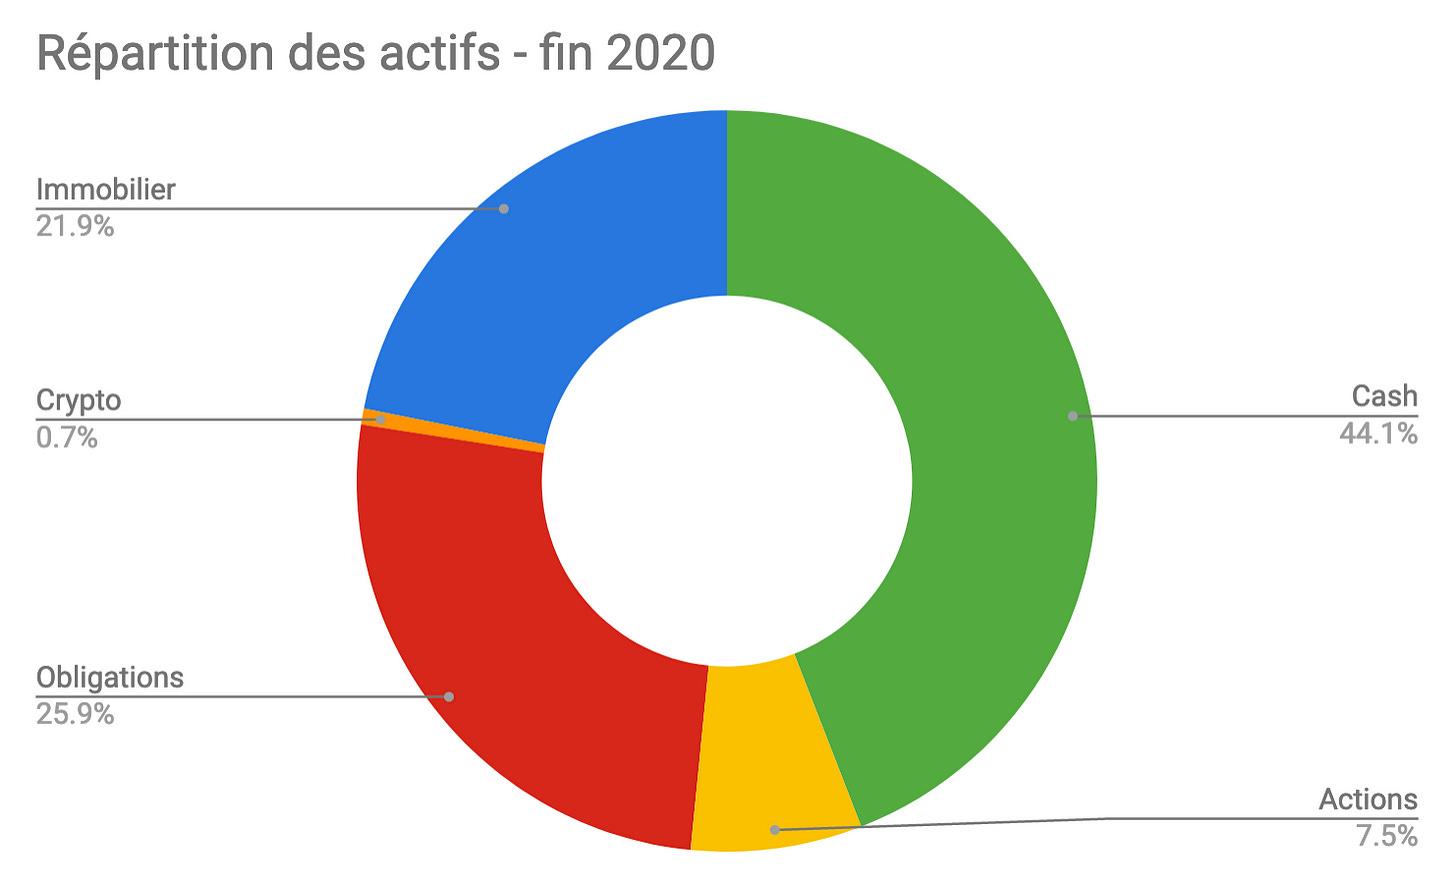 Piechart de la répartition des actifs pour 2020